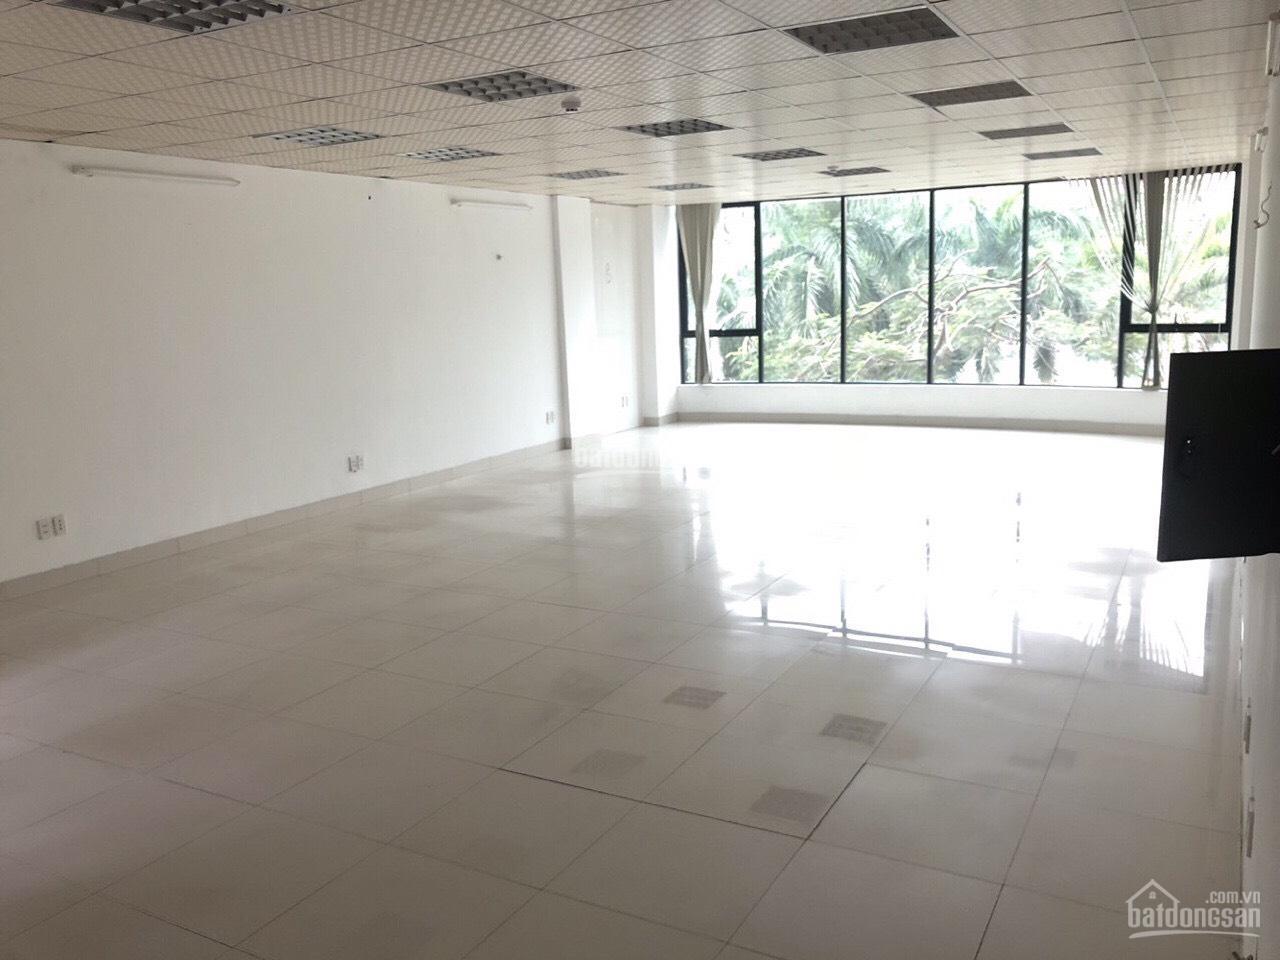 Cho thuê văn phòng có vị trí địa lý đắc địa tại Nam Đồng, Đống Đa giá chỉ từ 5 triệu